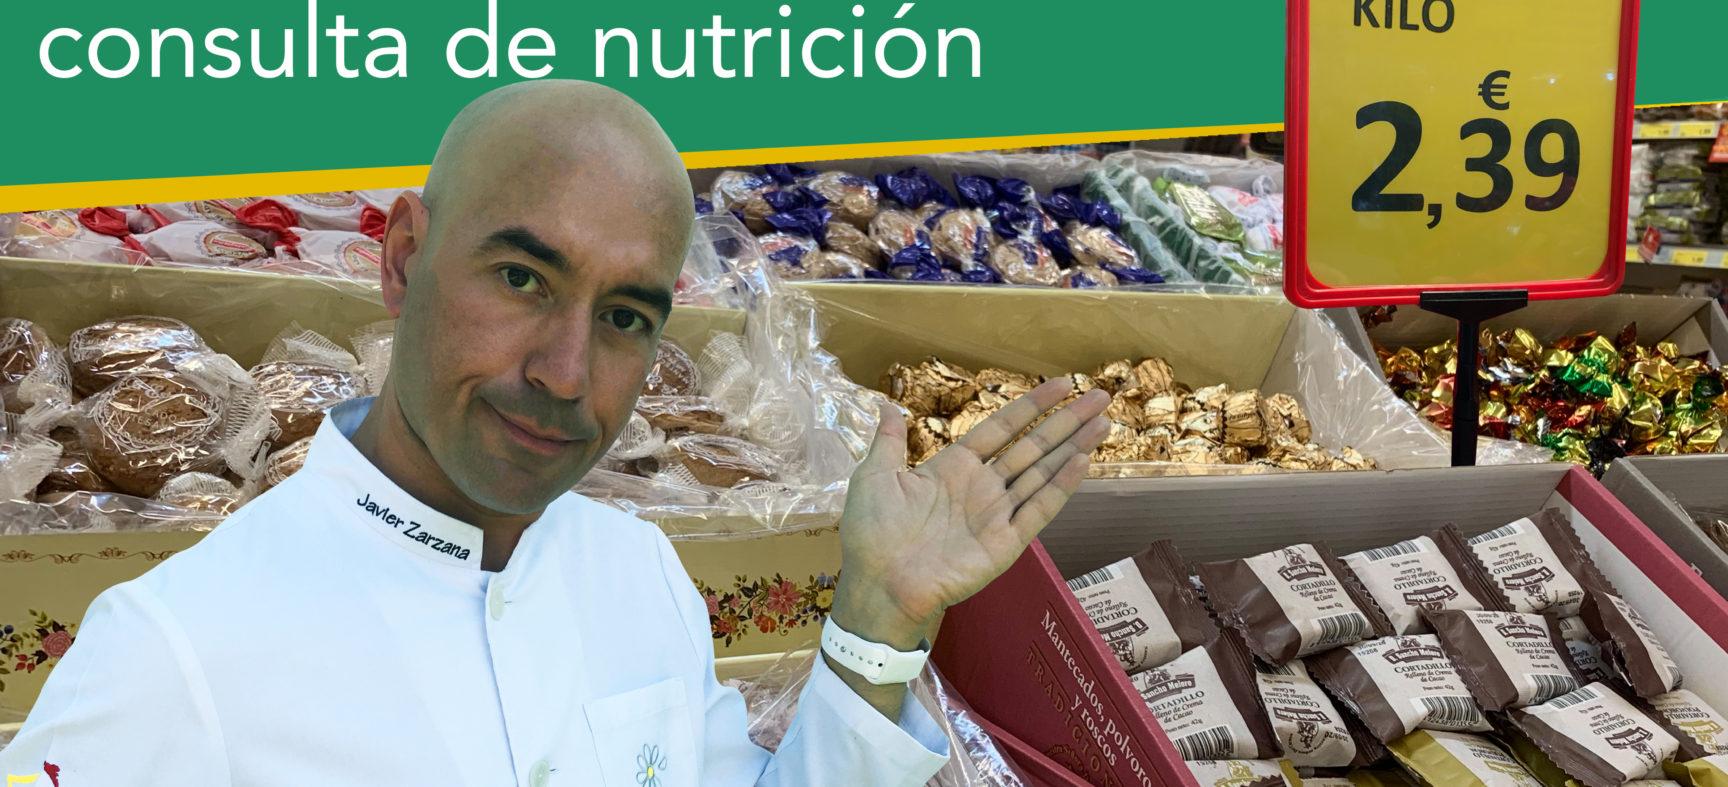 VEN A NUESTRA CONSULTA DE NUTRICIÓN